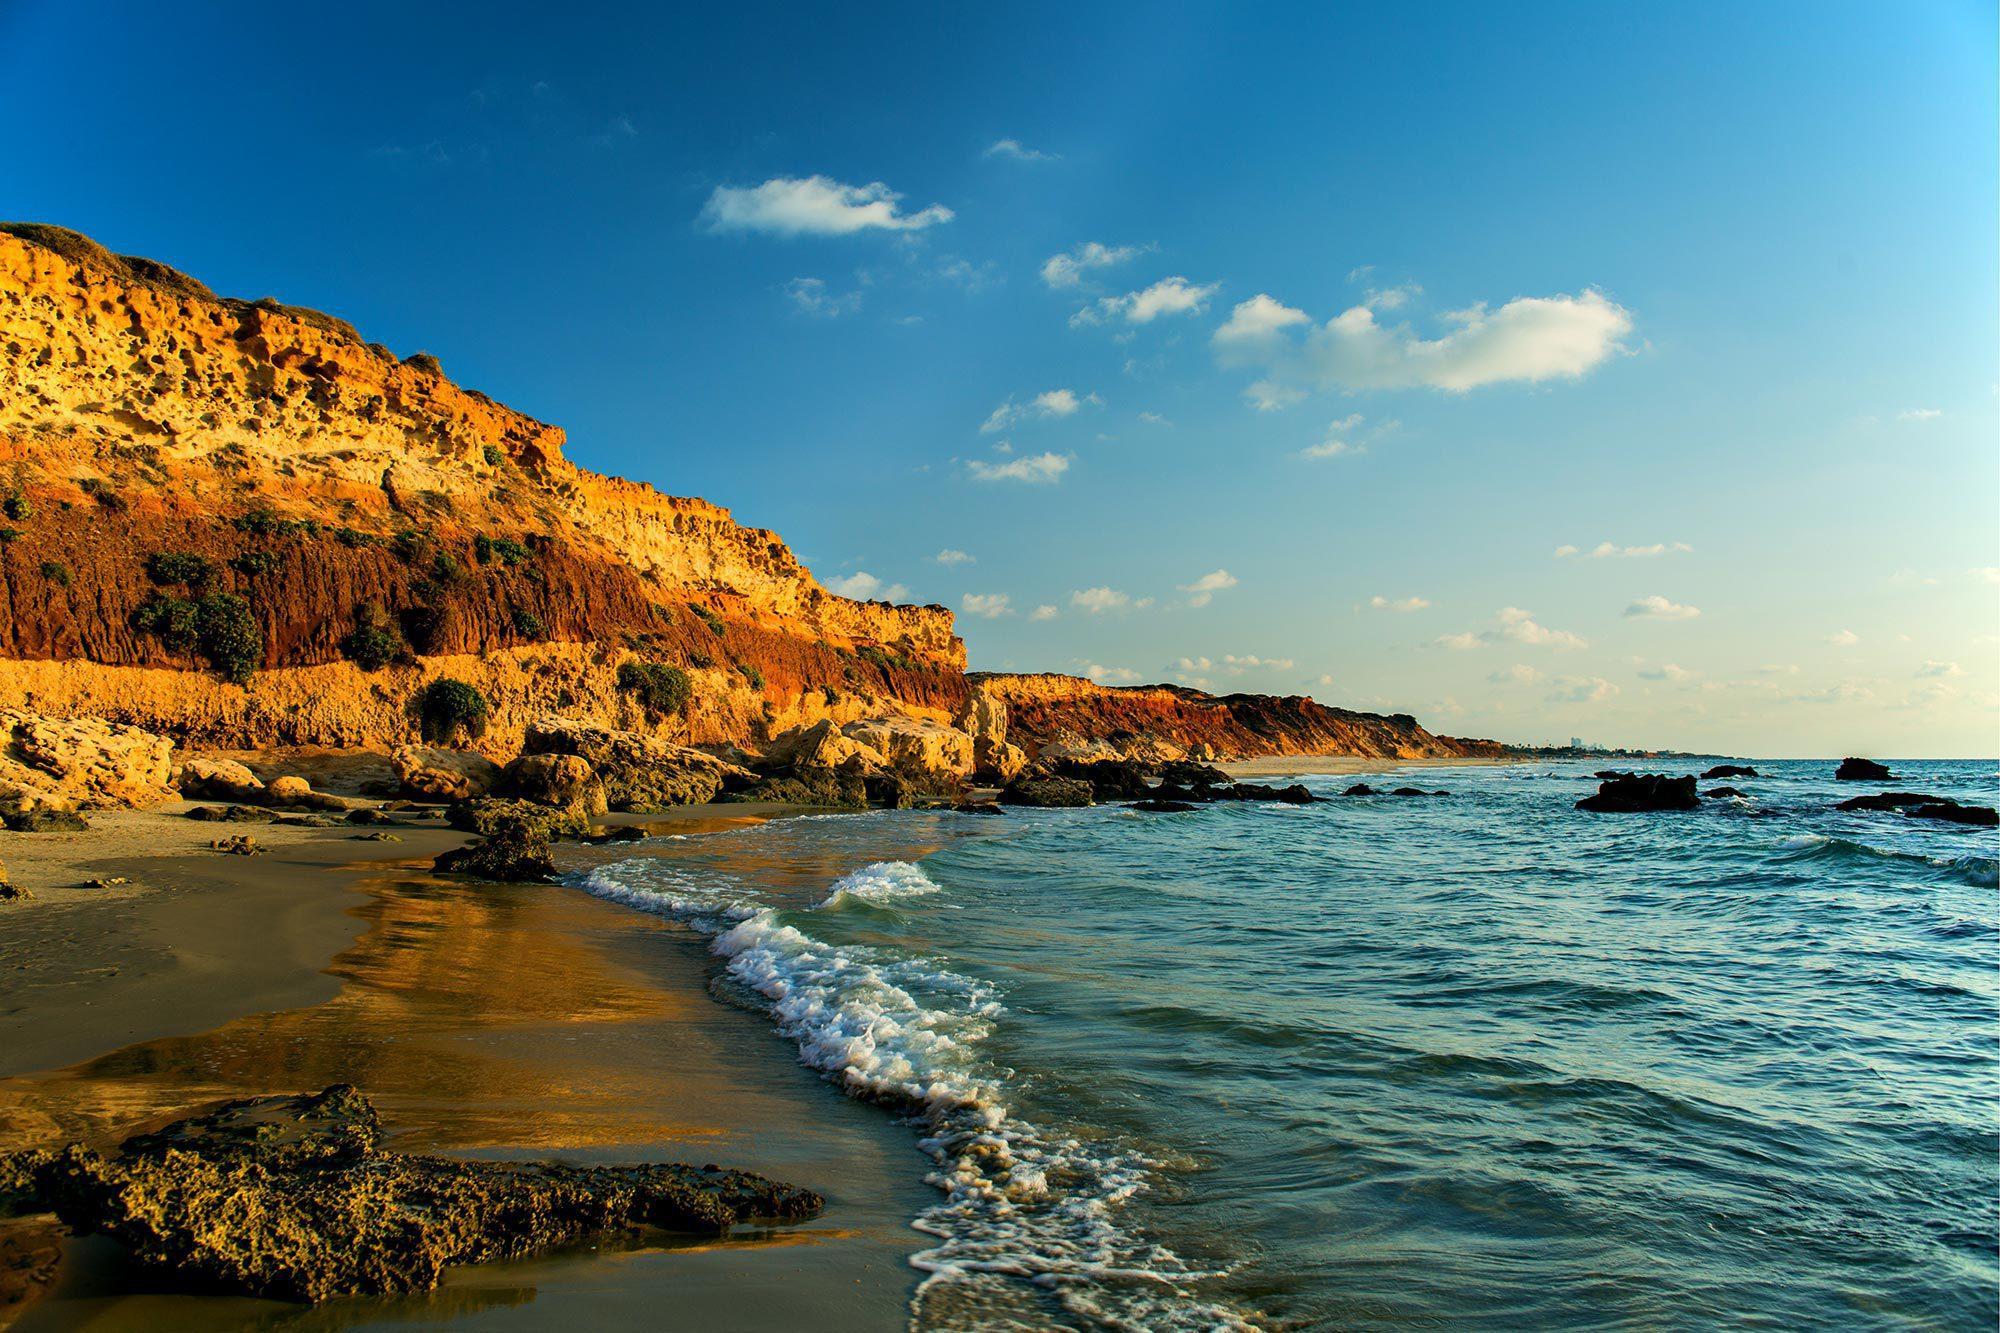 Gdor Shoreline